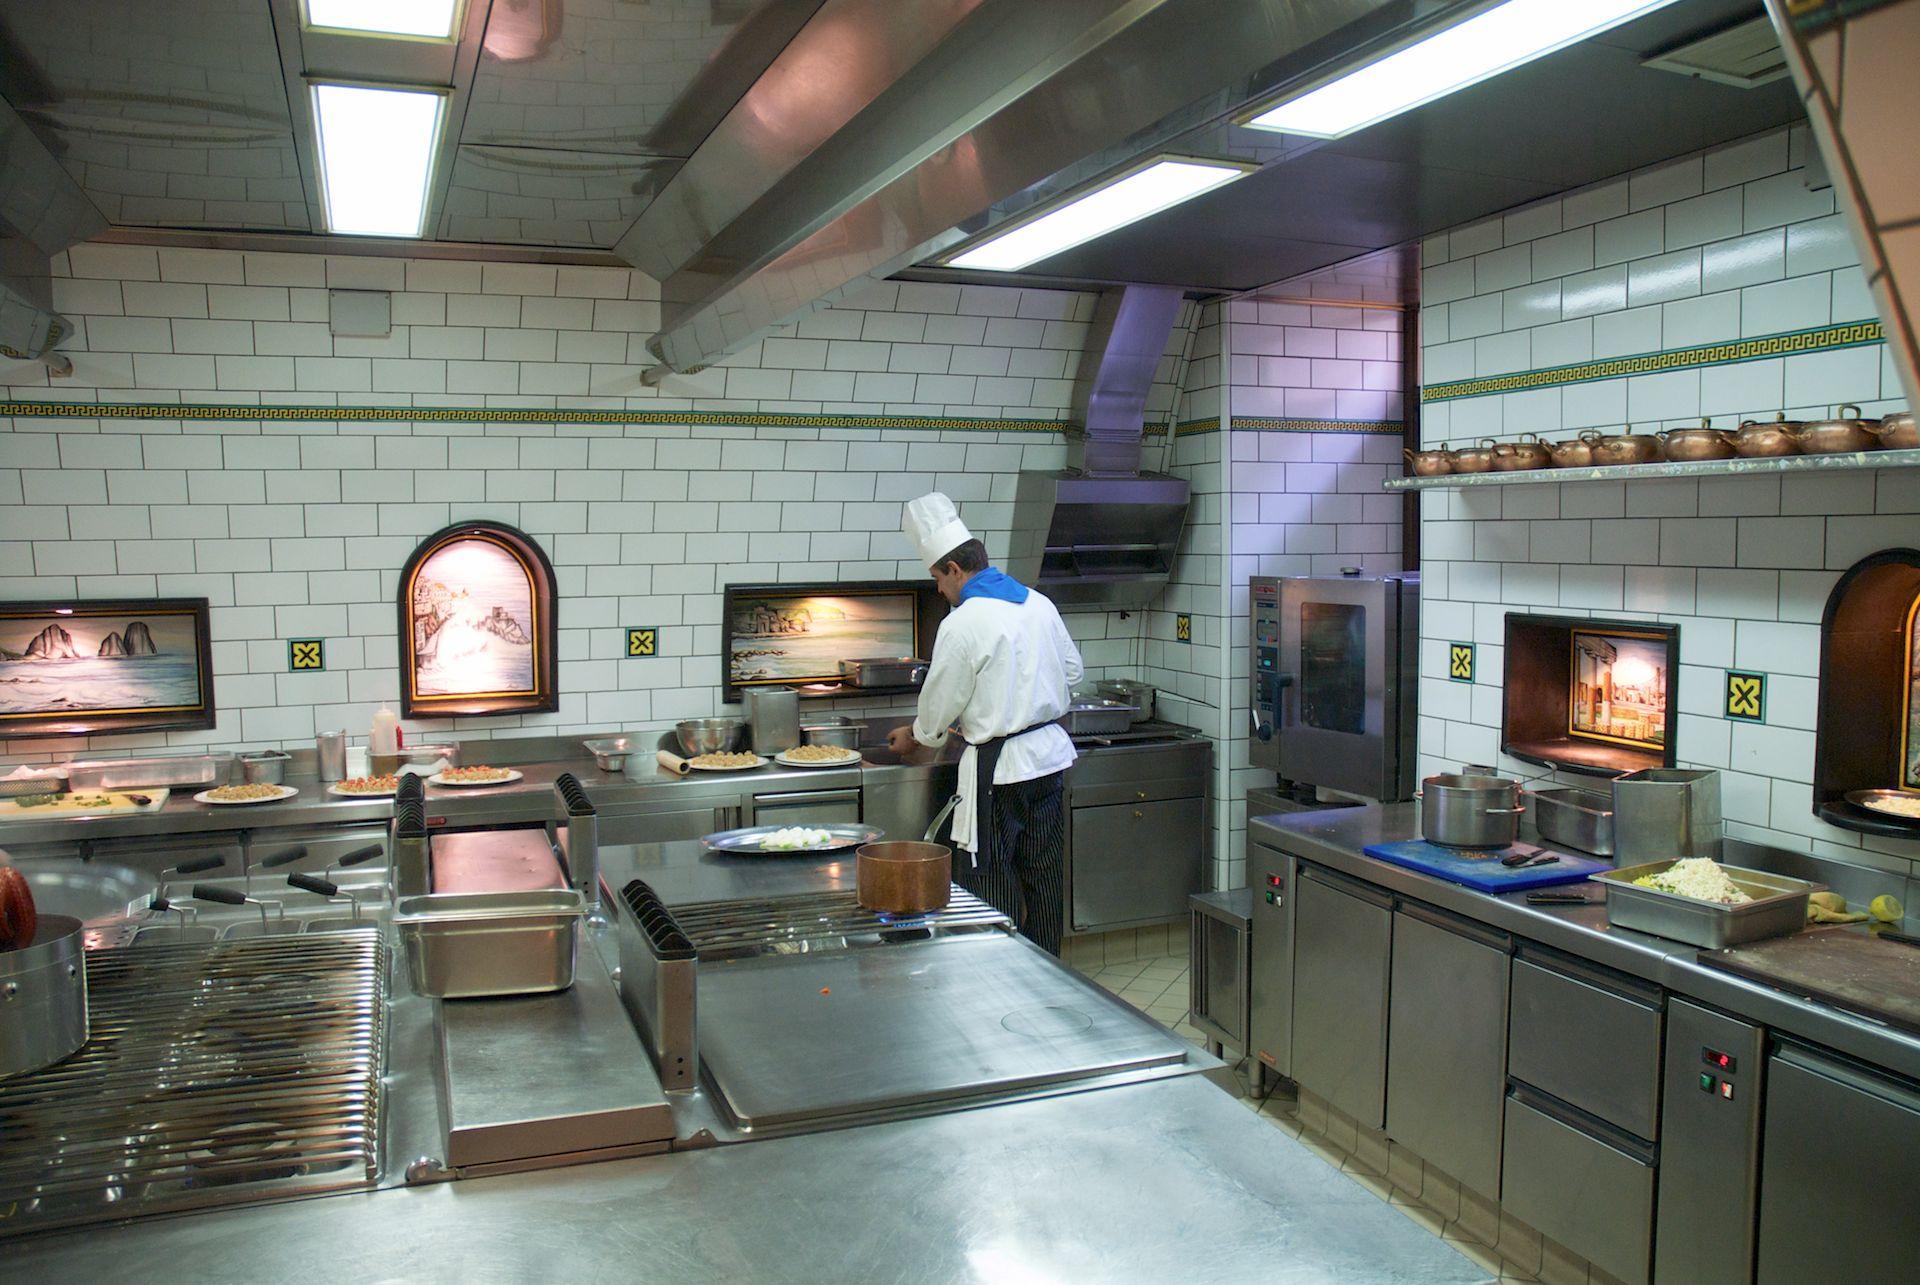 La Cucina Ristorante L'Antica Trattoria In Sorrento #895742 1920 1285 Foto Di Cucine Americane